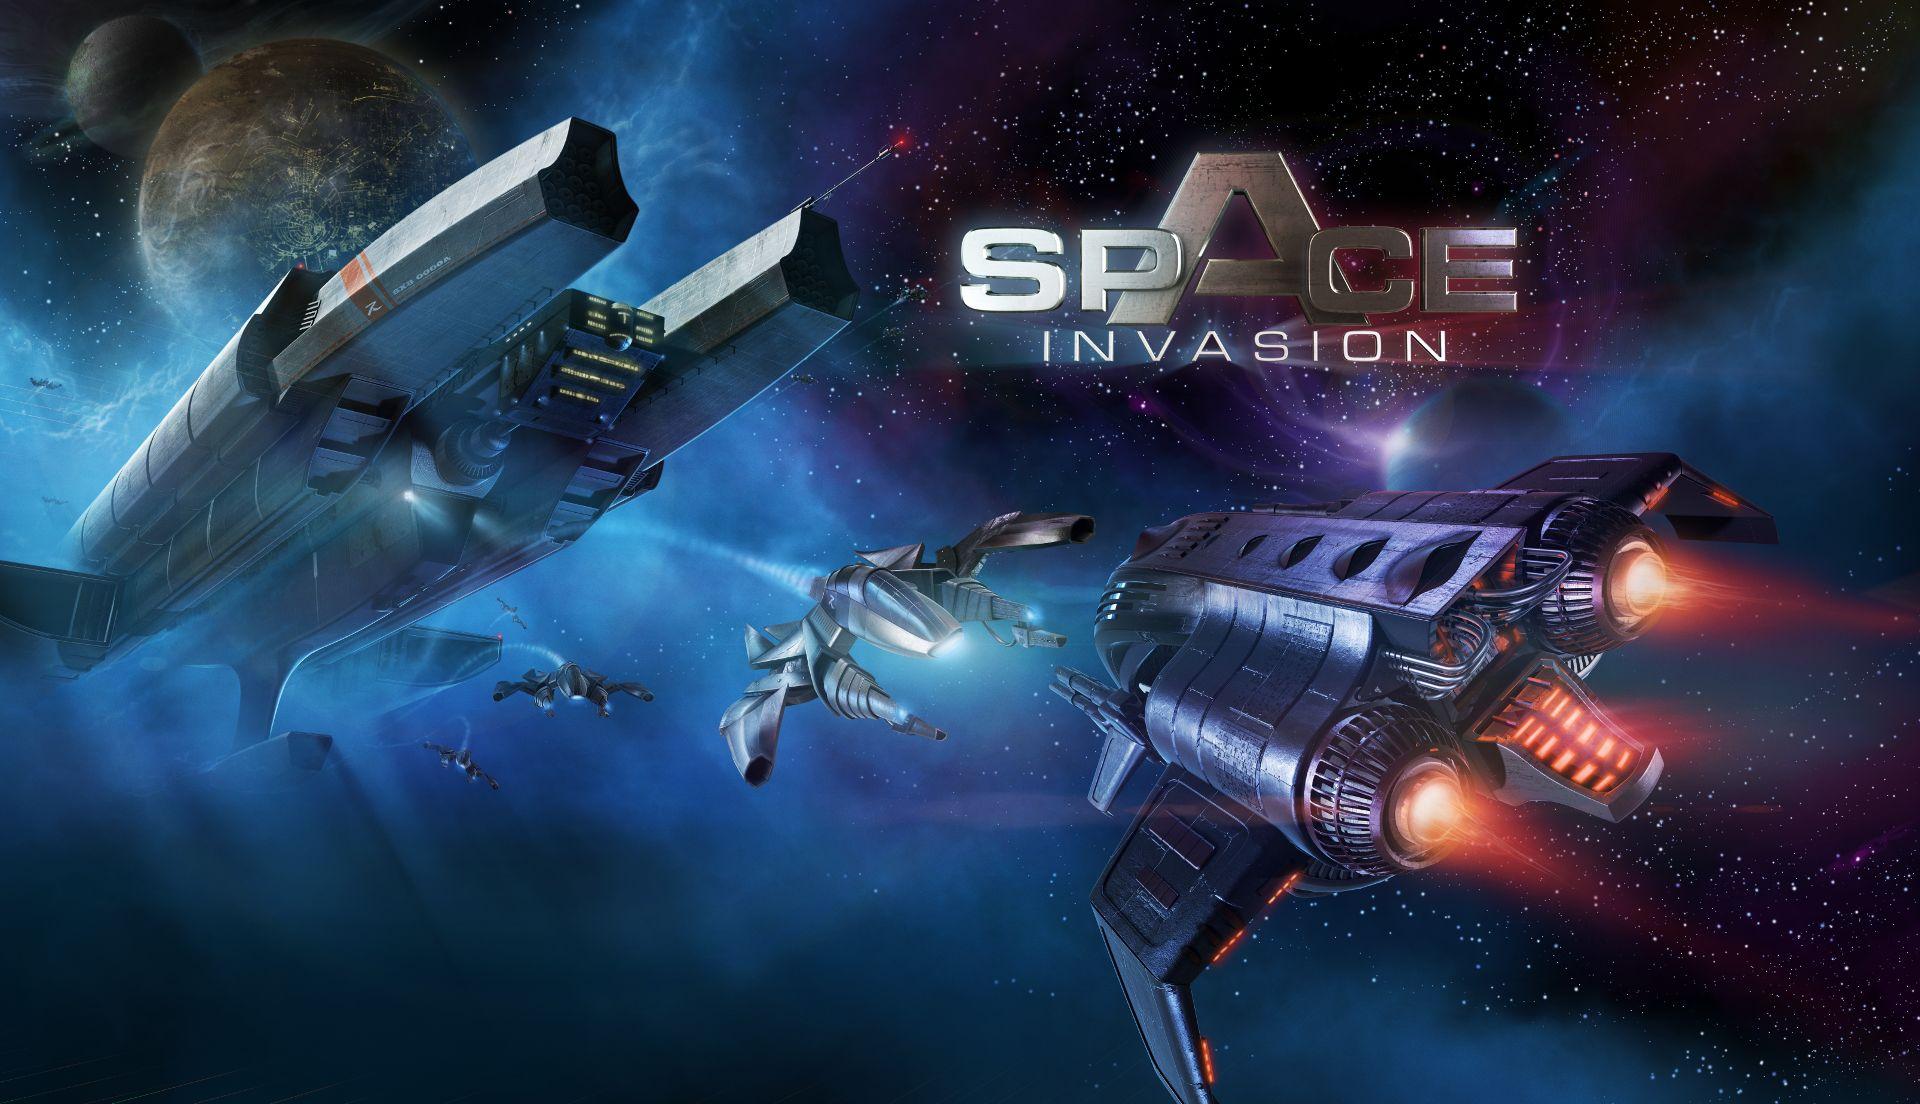 spaceinvasion info